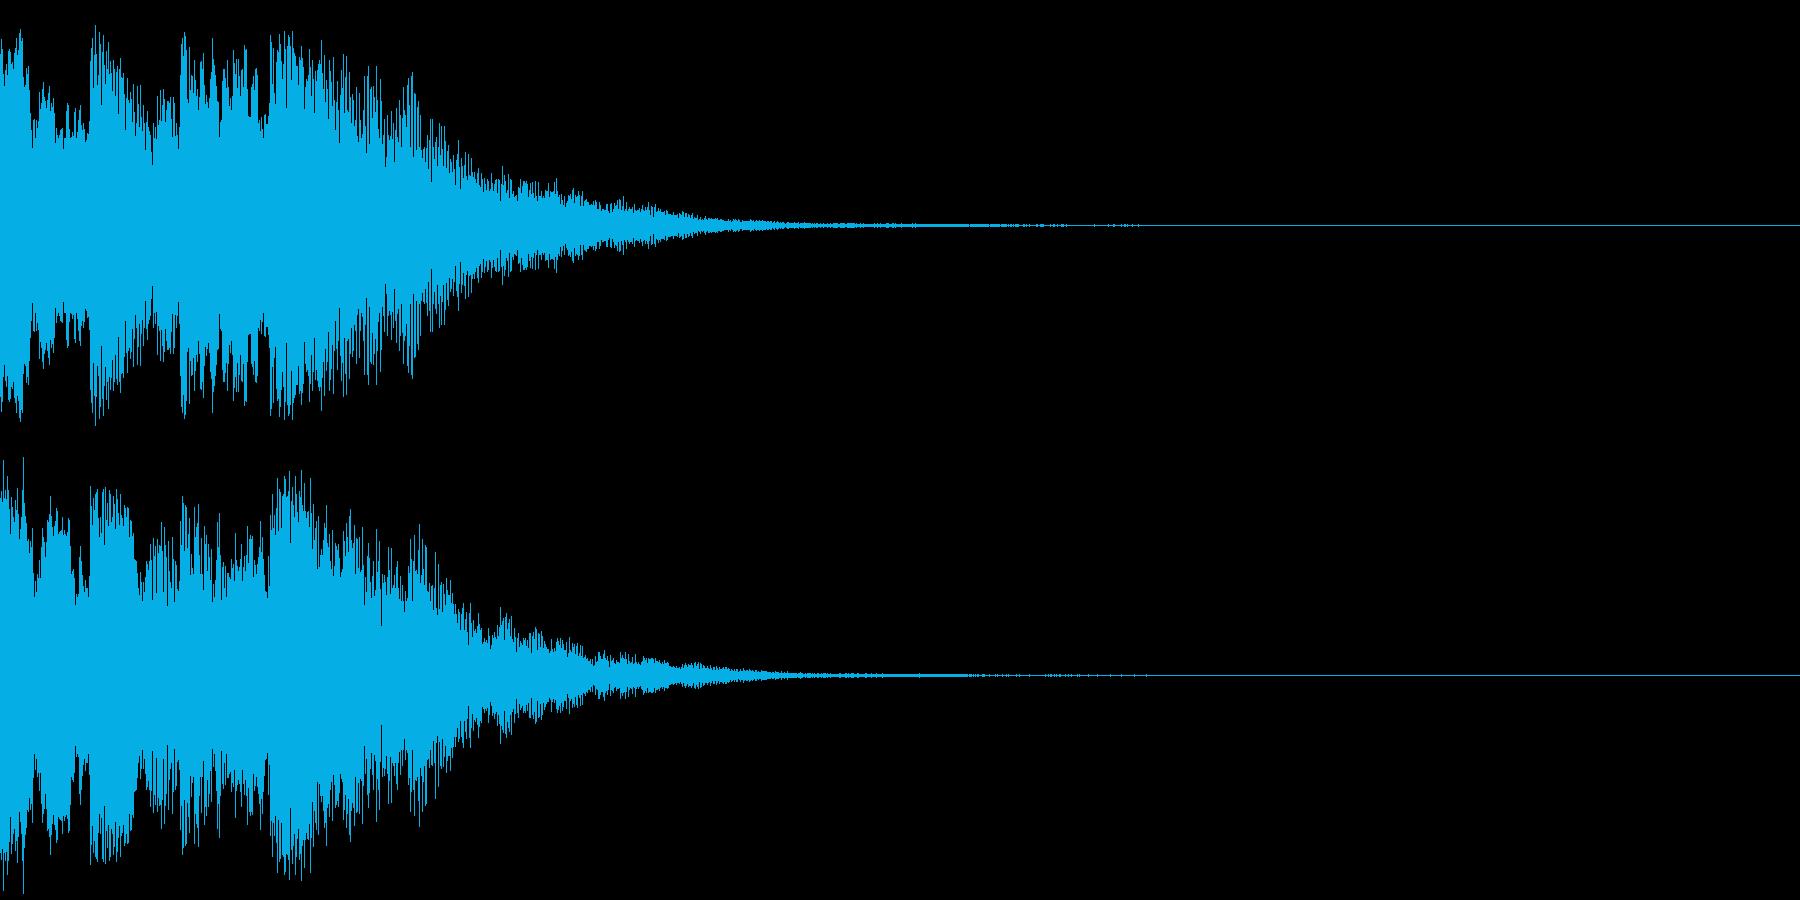 ニュースのテロップをイメージした音07の再生済みの波形